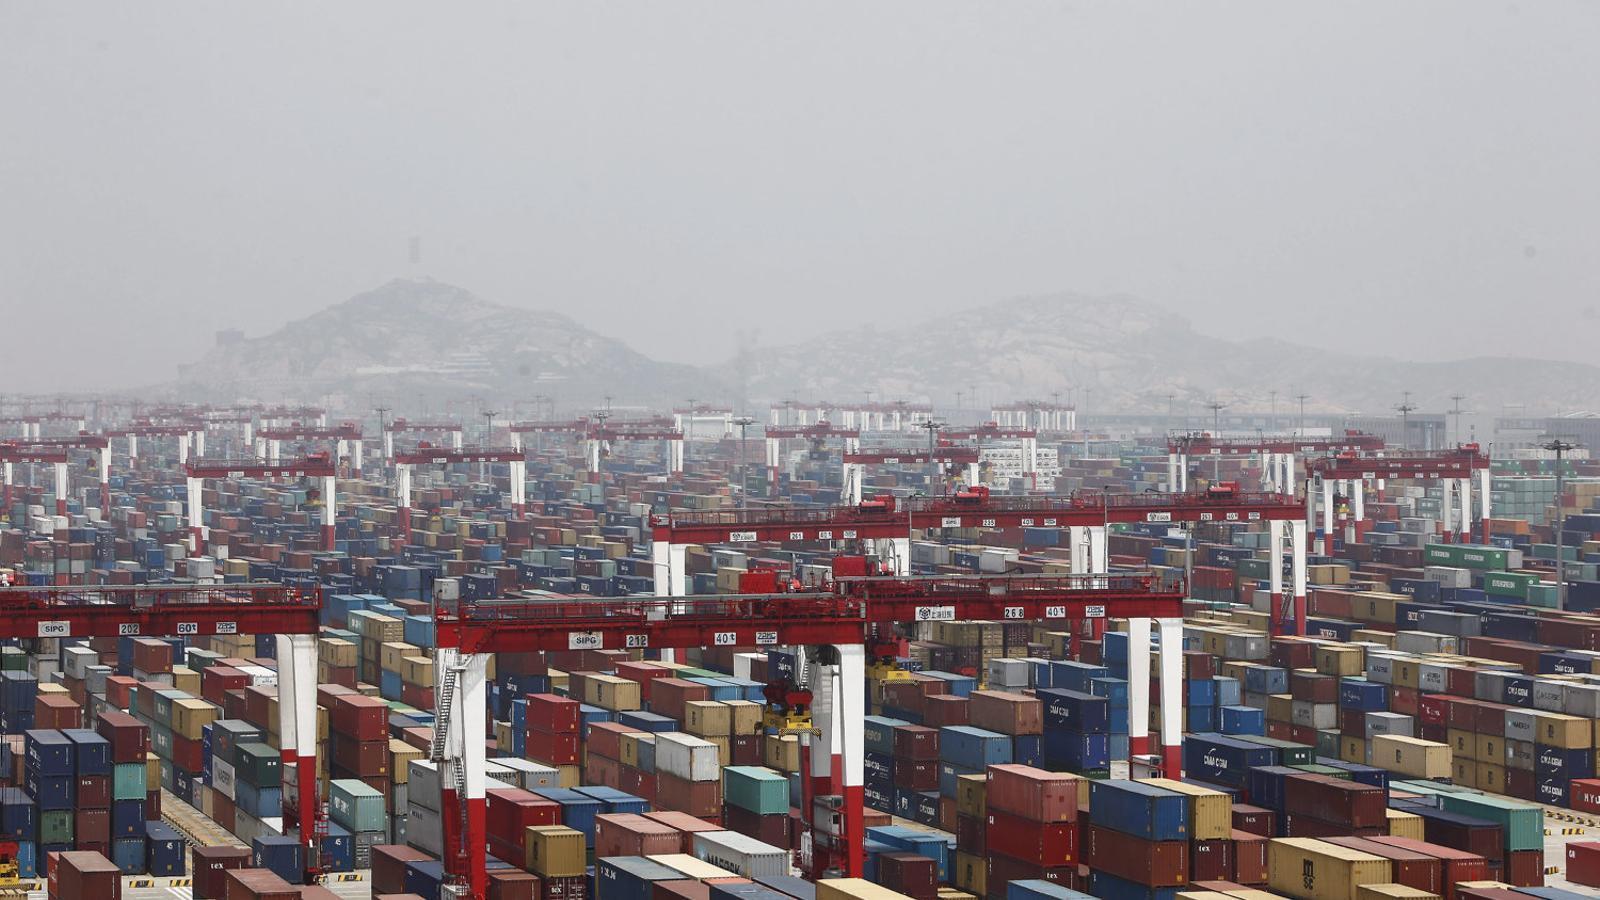 La guerra comercial i la caiguda del consum frenen l'economia xinesa